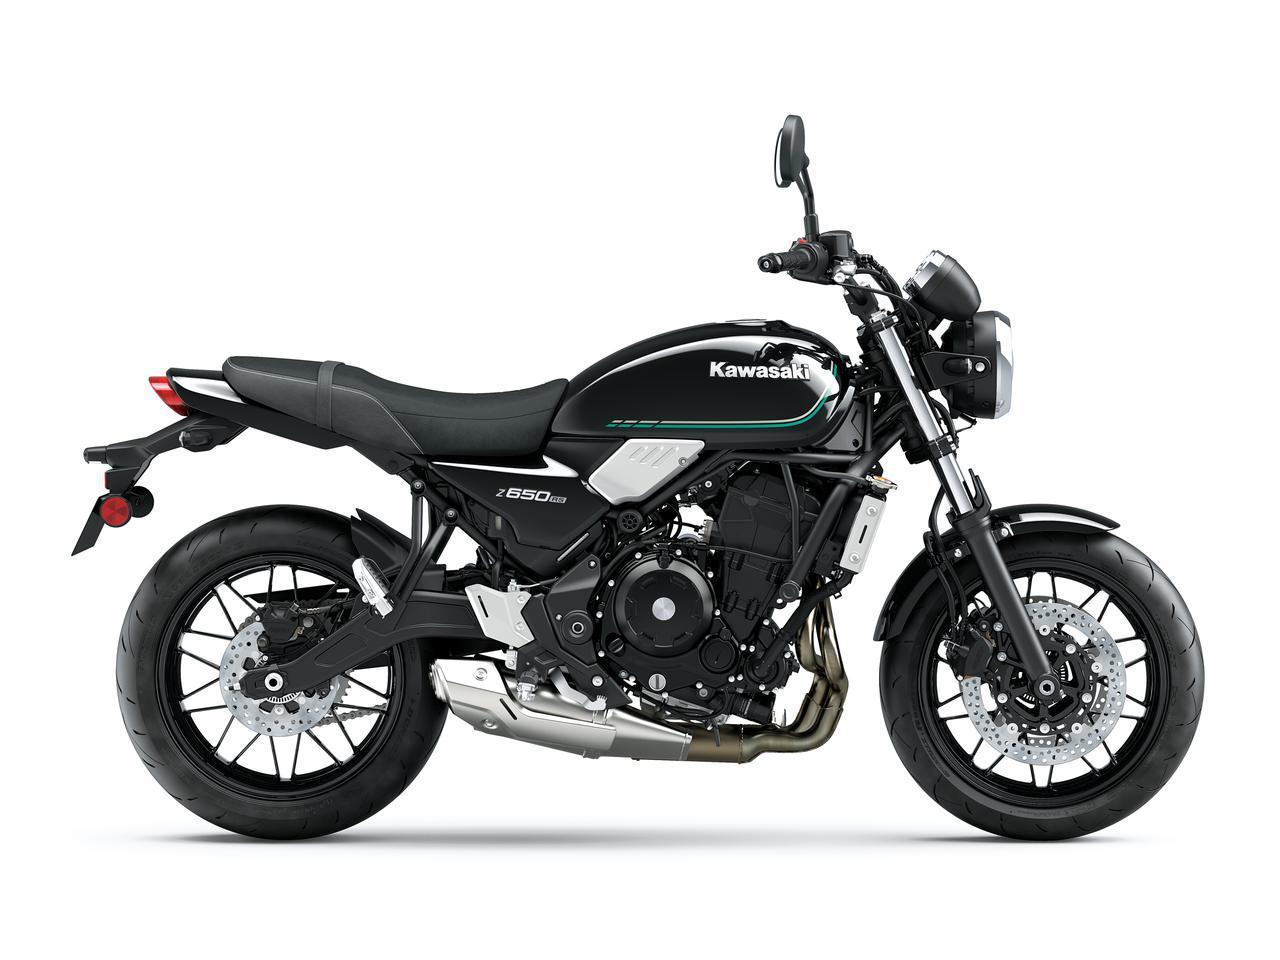 画像2: カワサキ「Z650RS」国内モデルに関する情報|発売時期が明らかに! 日本での販売価格も予想【2022速報】